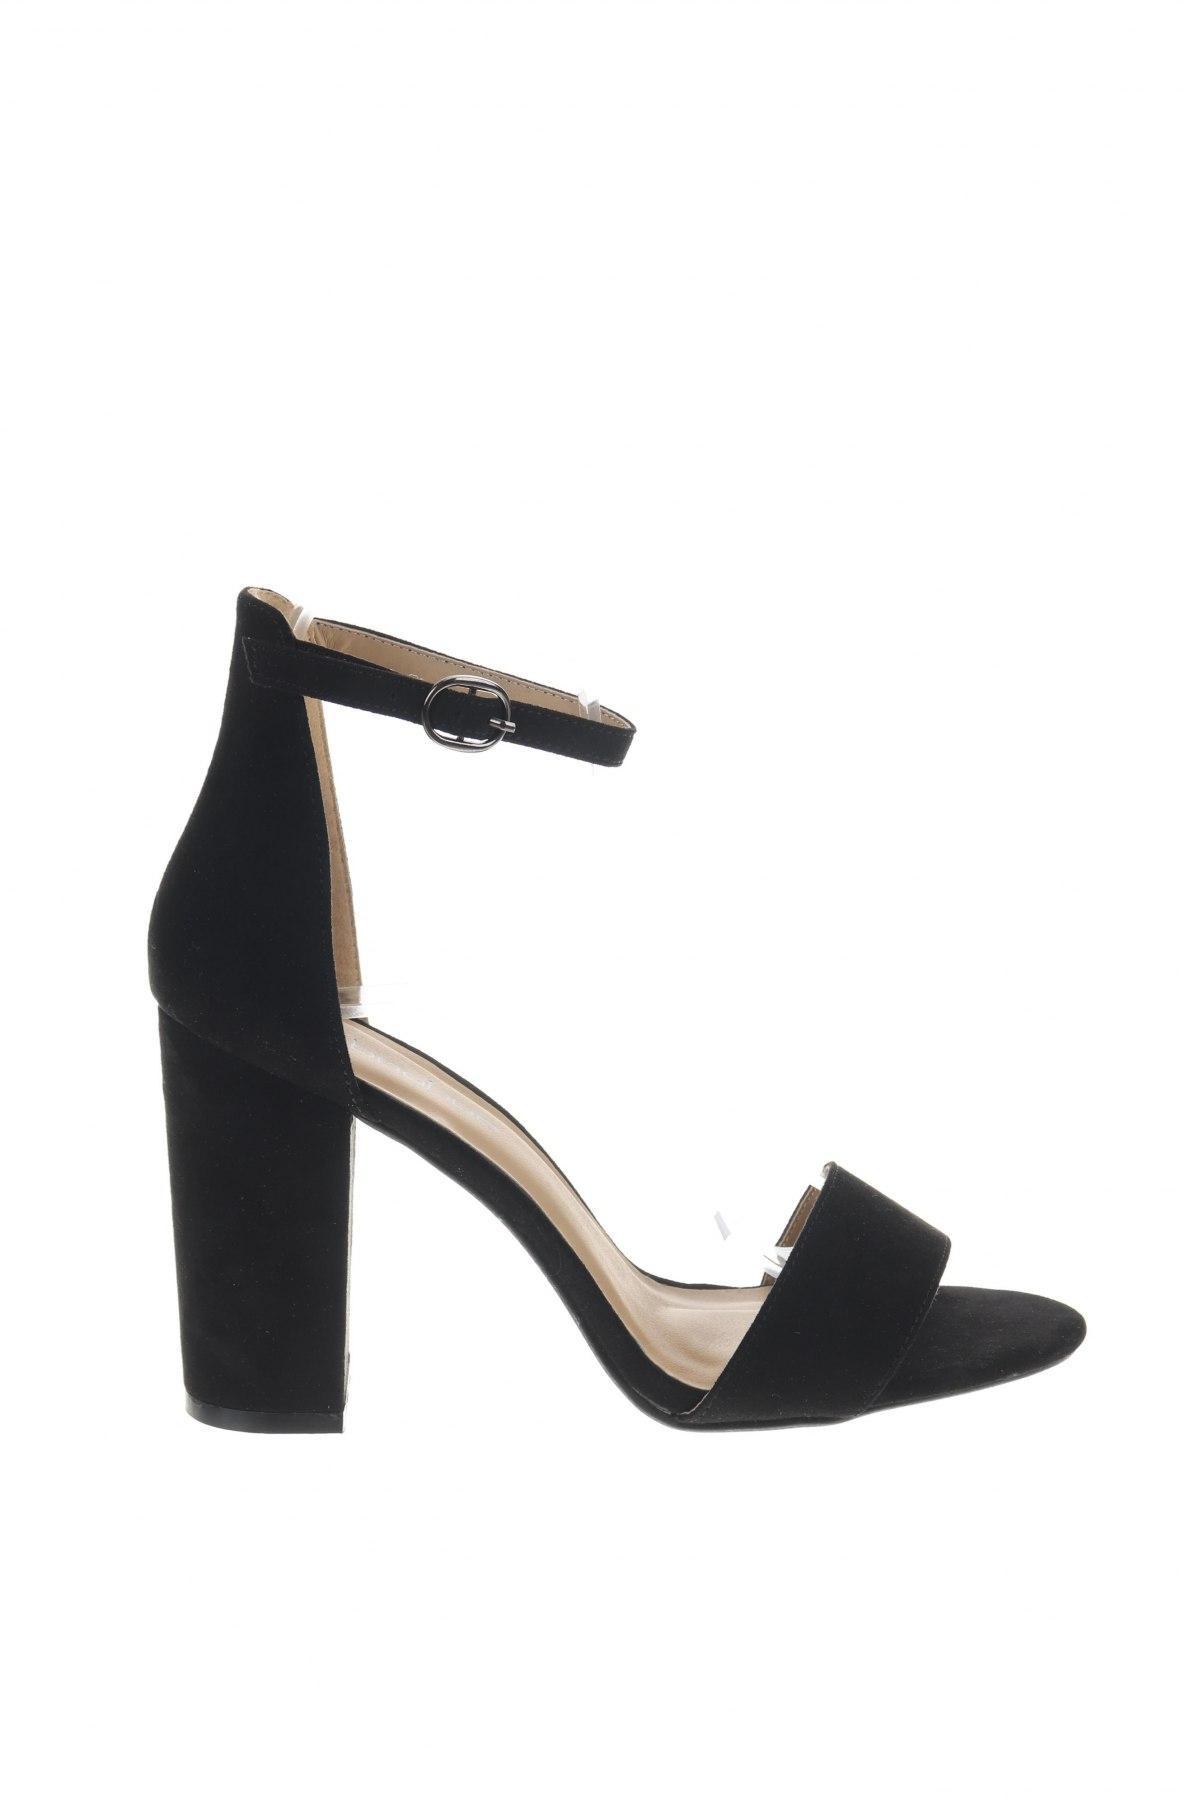 Σανδάλια Boohoo, Μέγεθος 39, Χρώμα Μαύρο, Κλωστοϋφαντουργικά προϊόντα, Τιμή 16,73€